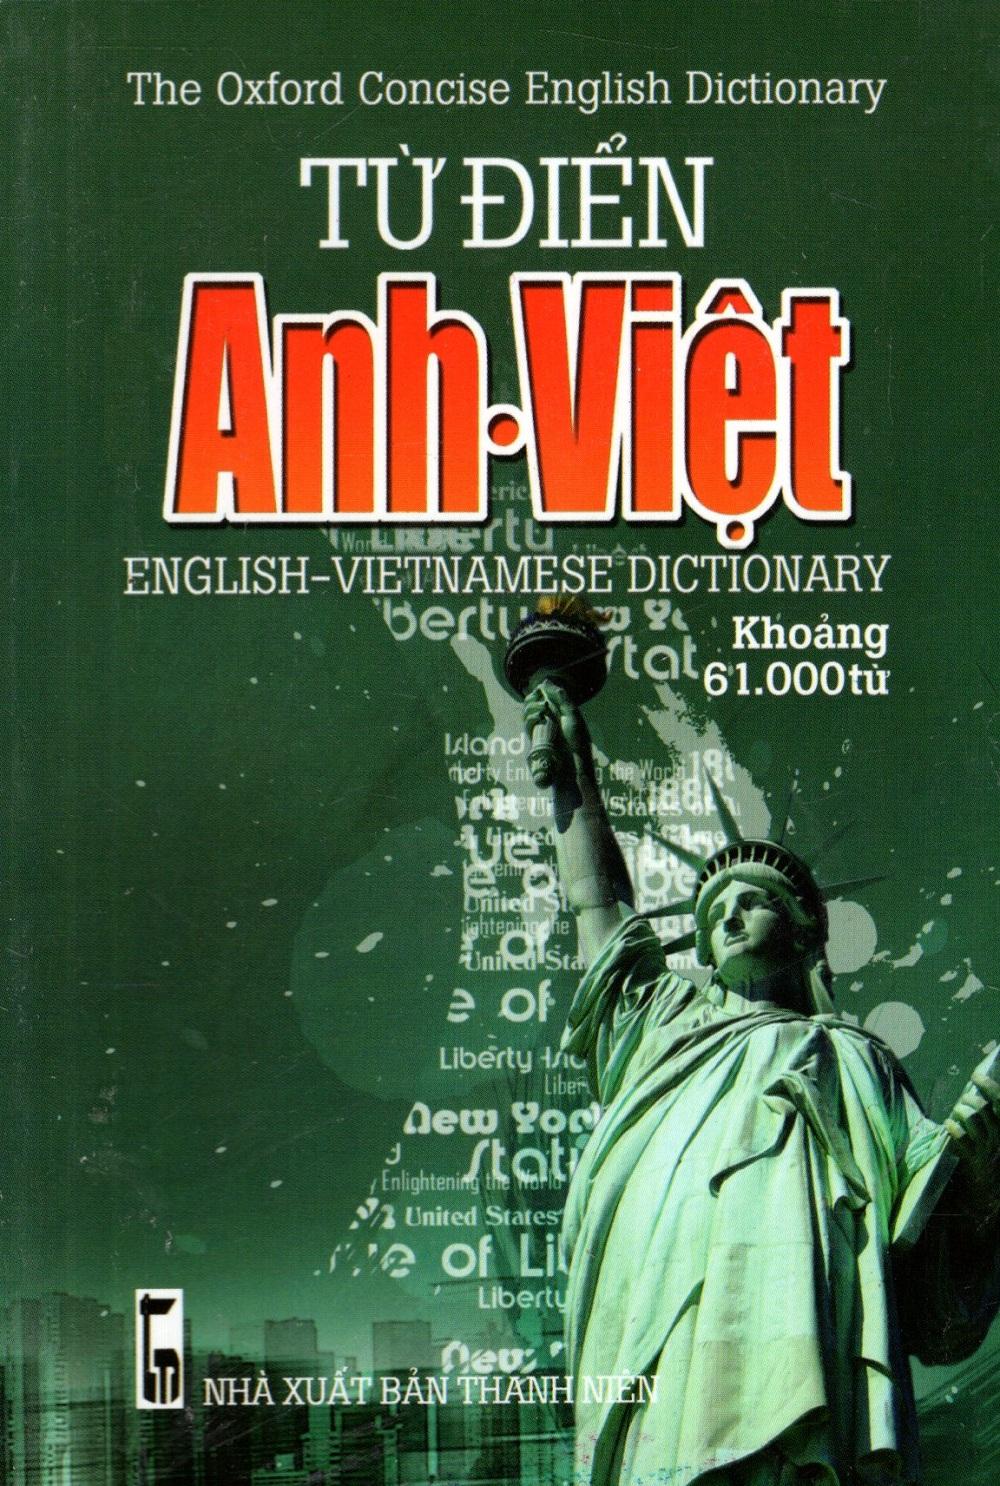 Bìa sách Từ Điển Anh - Việt (Khoảng 61.000 Từ) (2014) - Sách Bỏ Túi